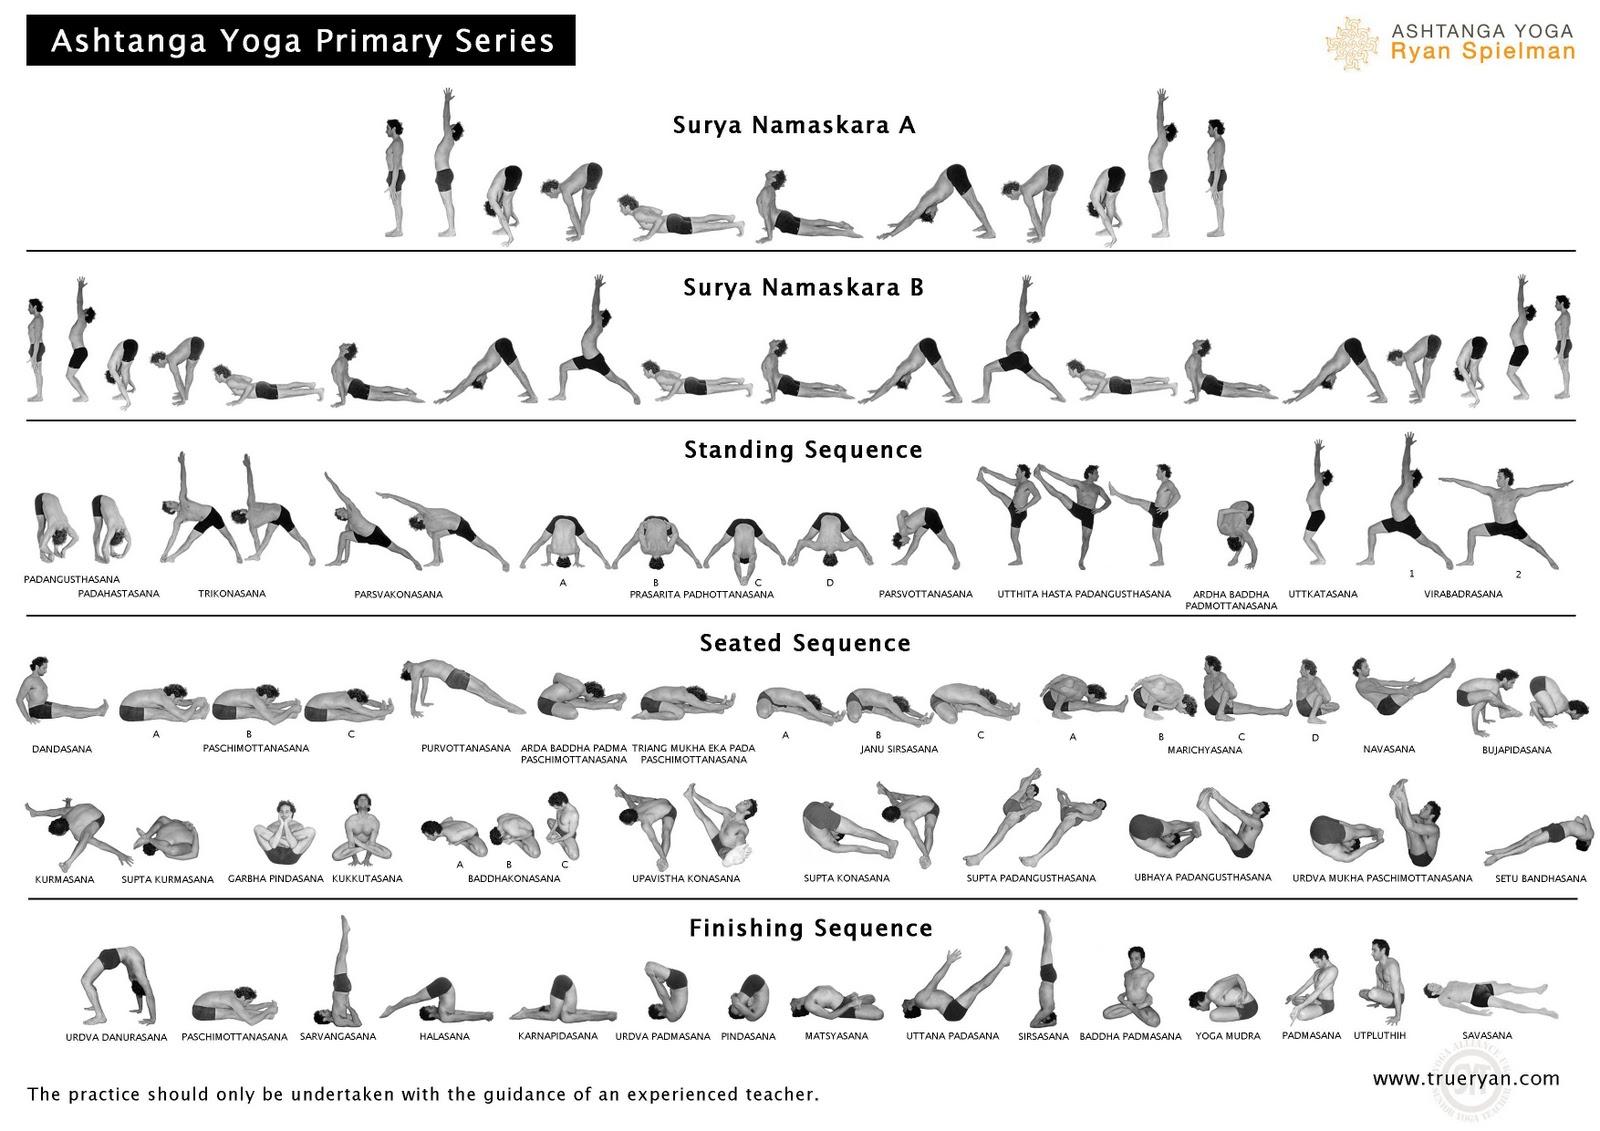 première série de ashtanga vinyasa yoga